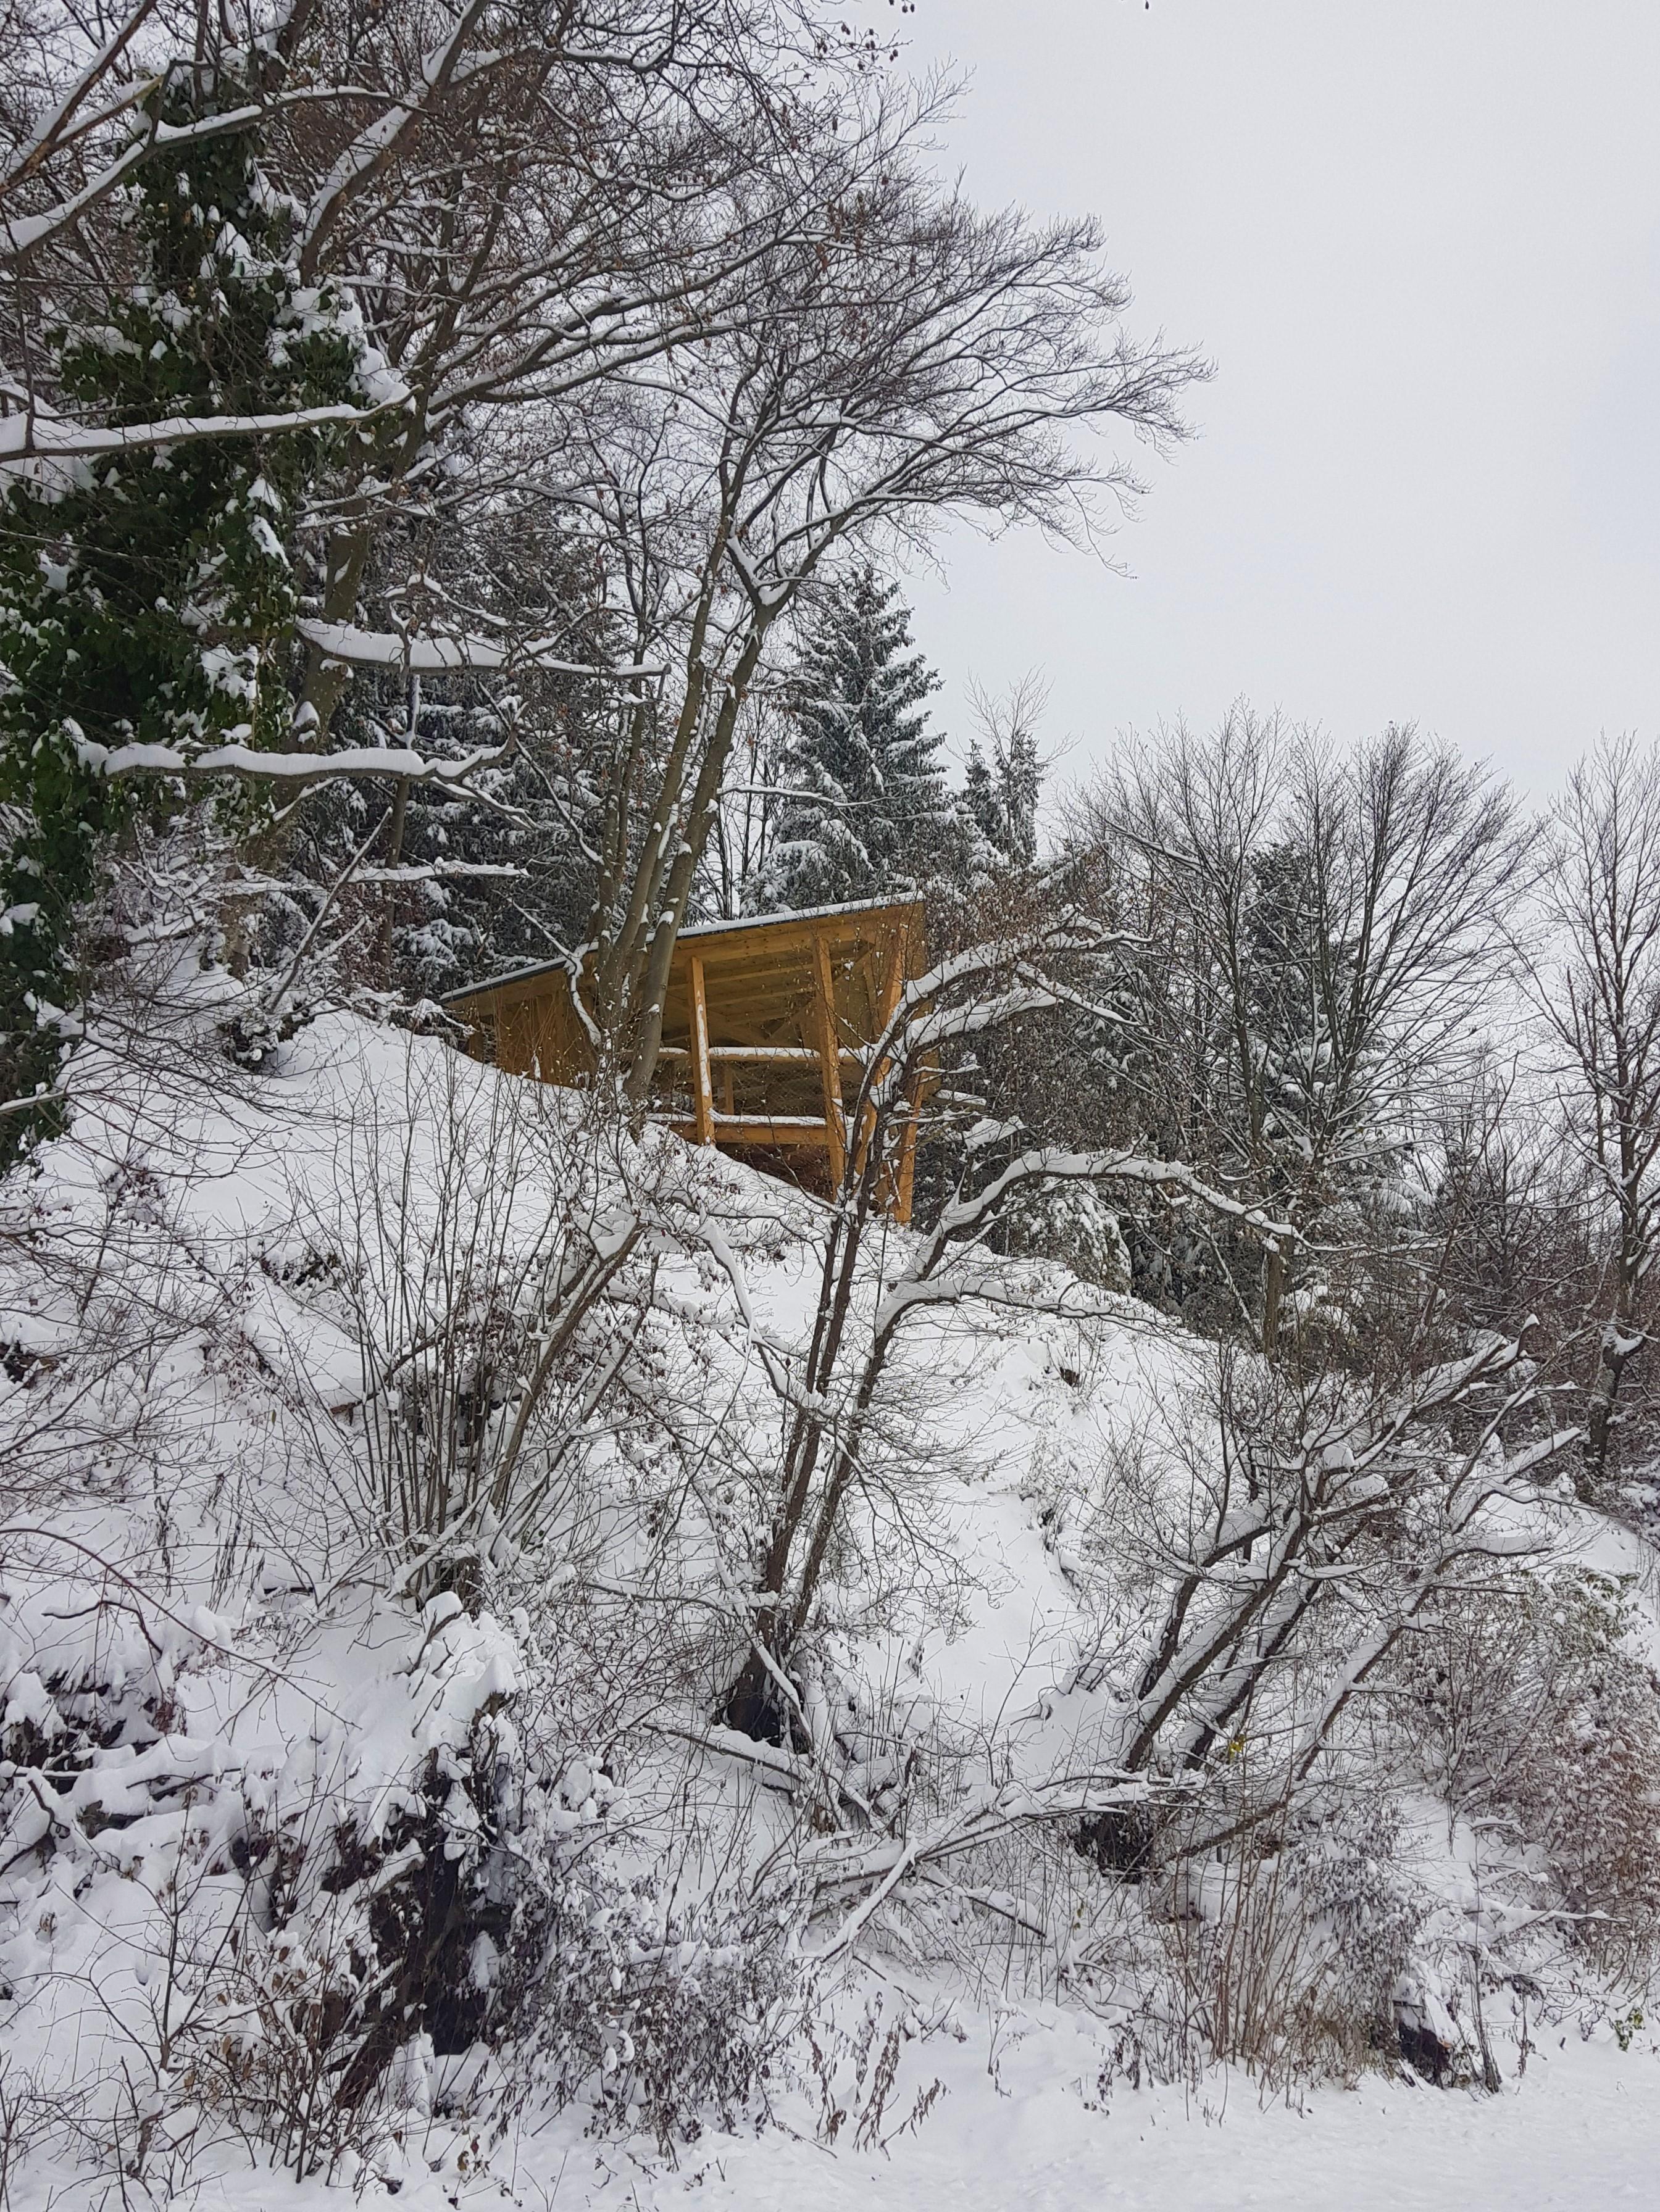 Opazovalnica Kuharca v snežni odeji.